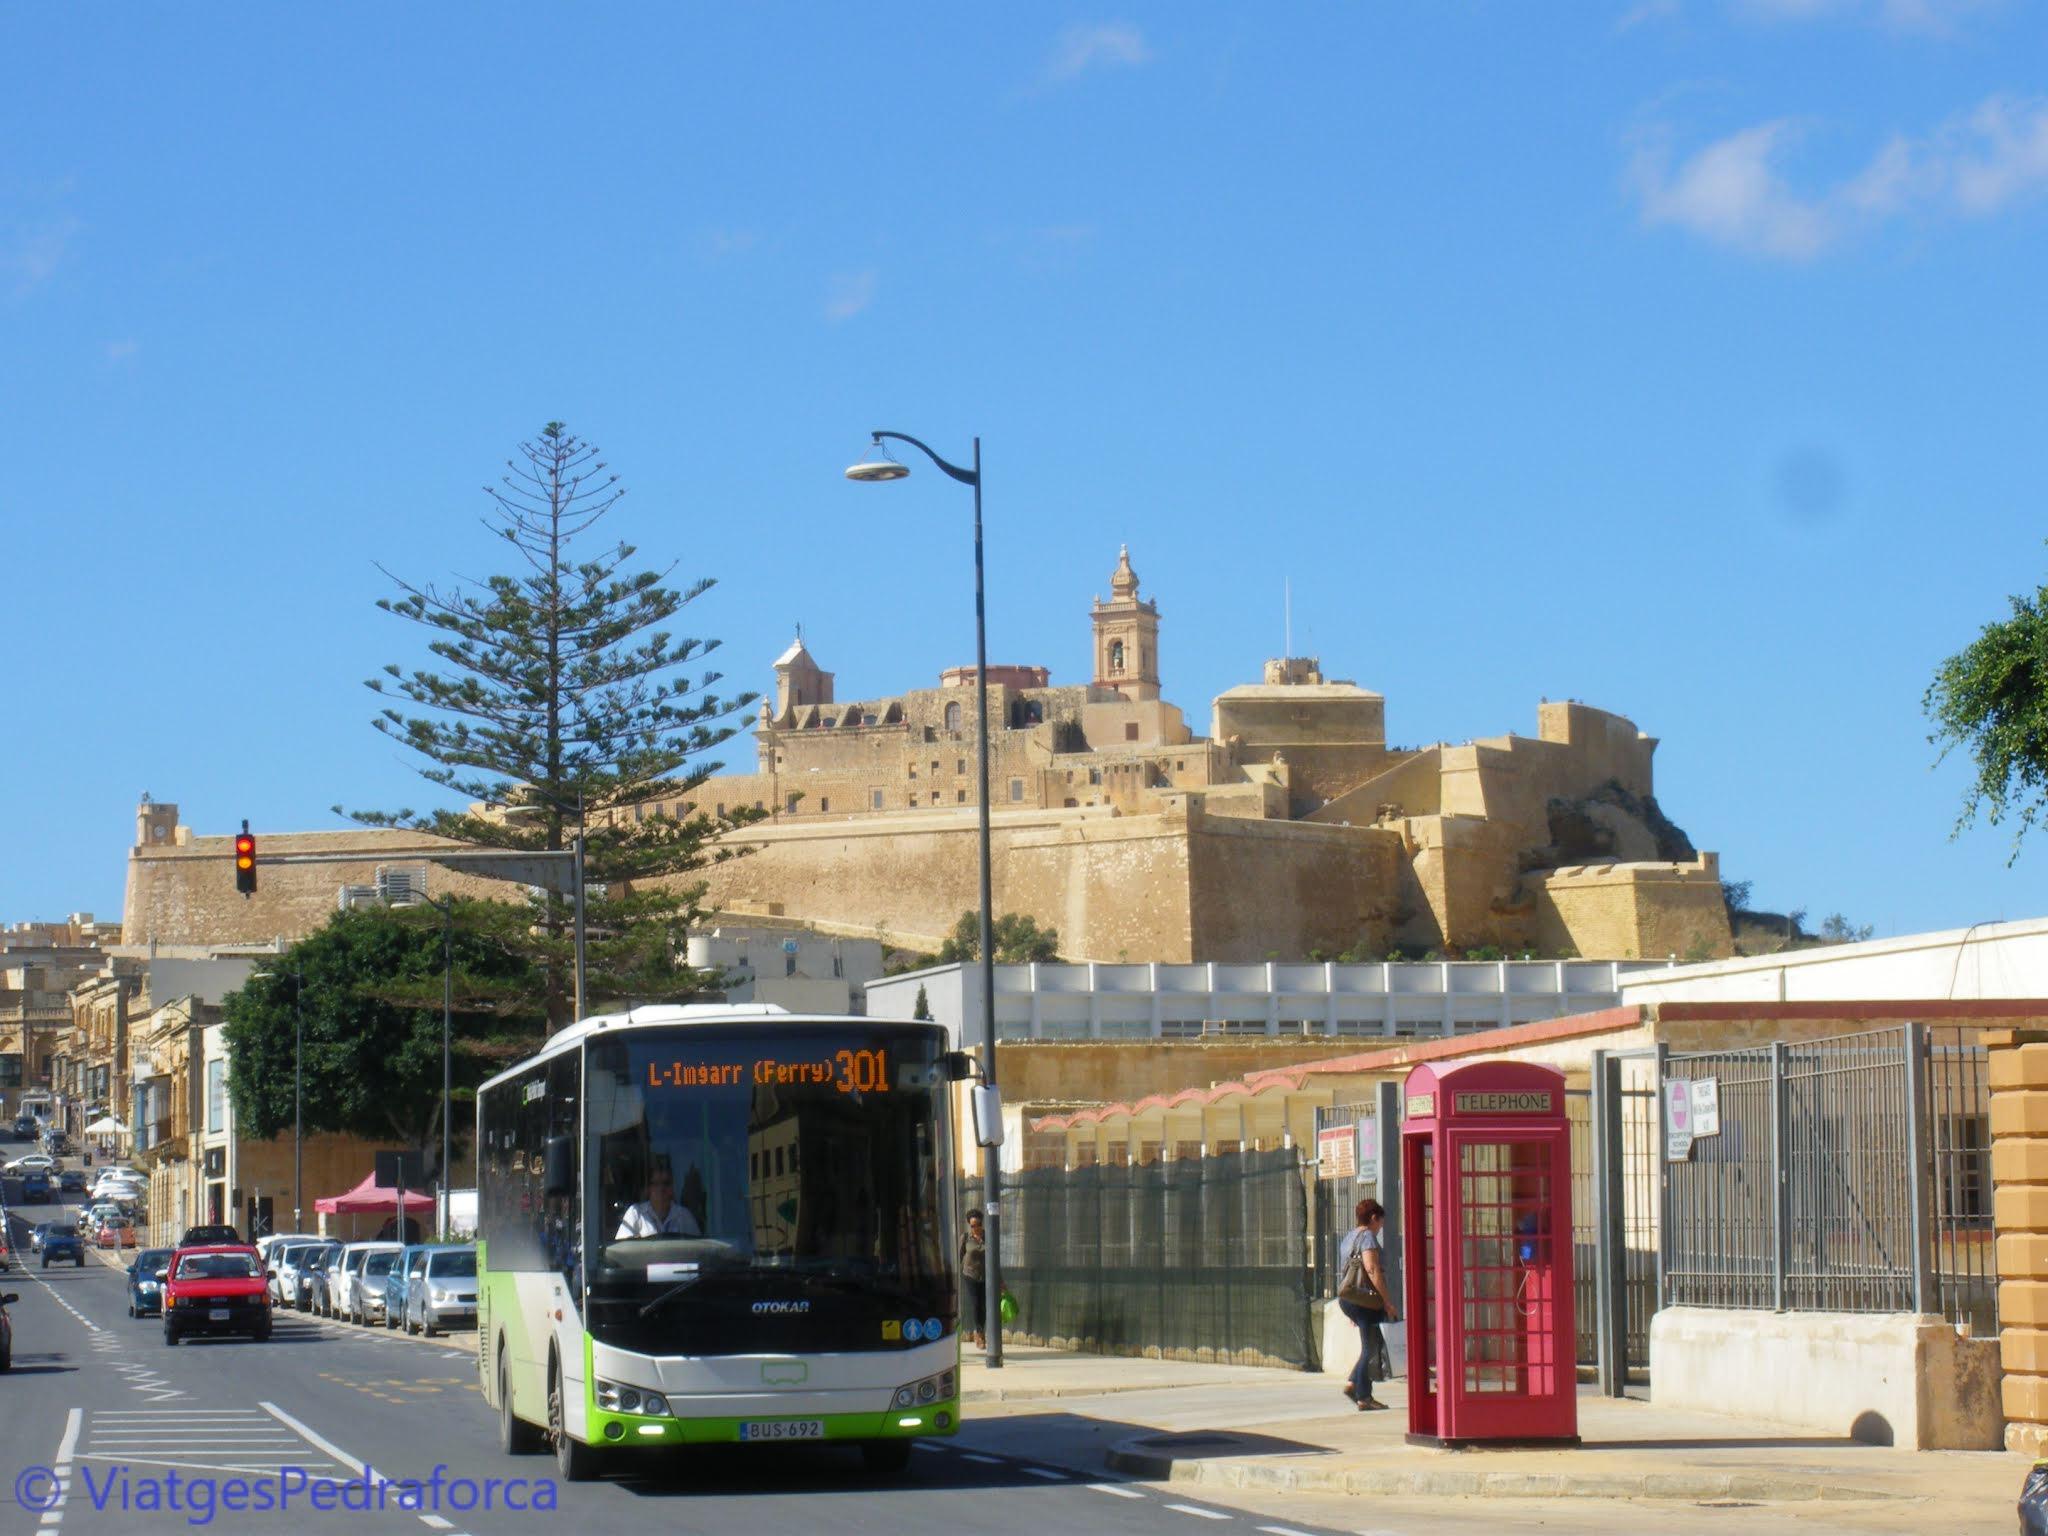 Viatjar per lliure amb transport públic